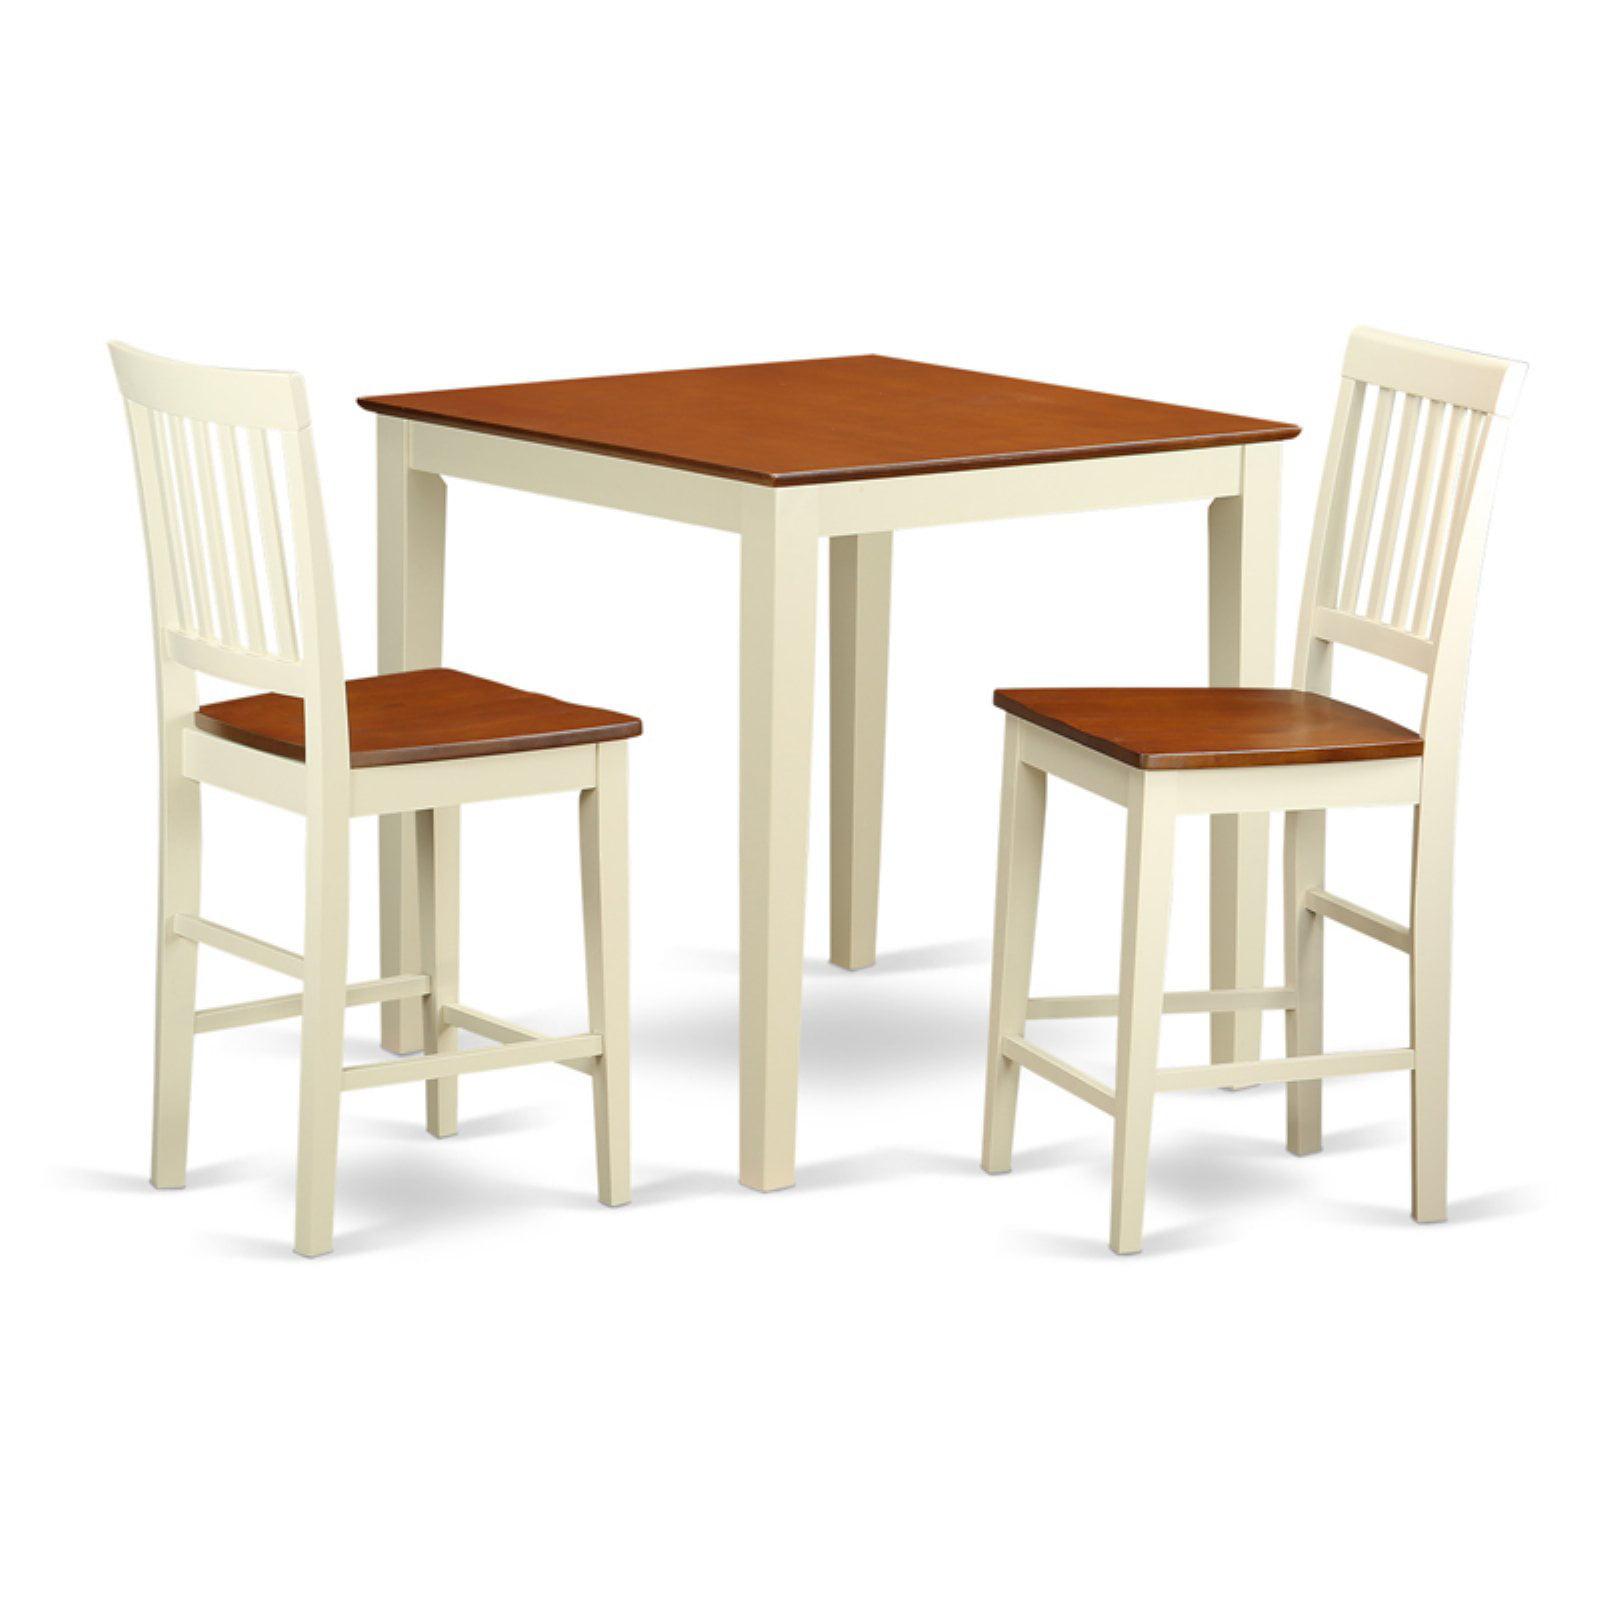 East West Furniture Vernon 3 Piece Slat Back Dining Table Set